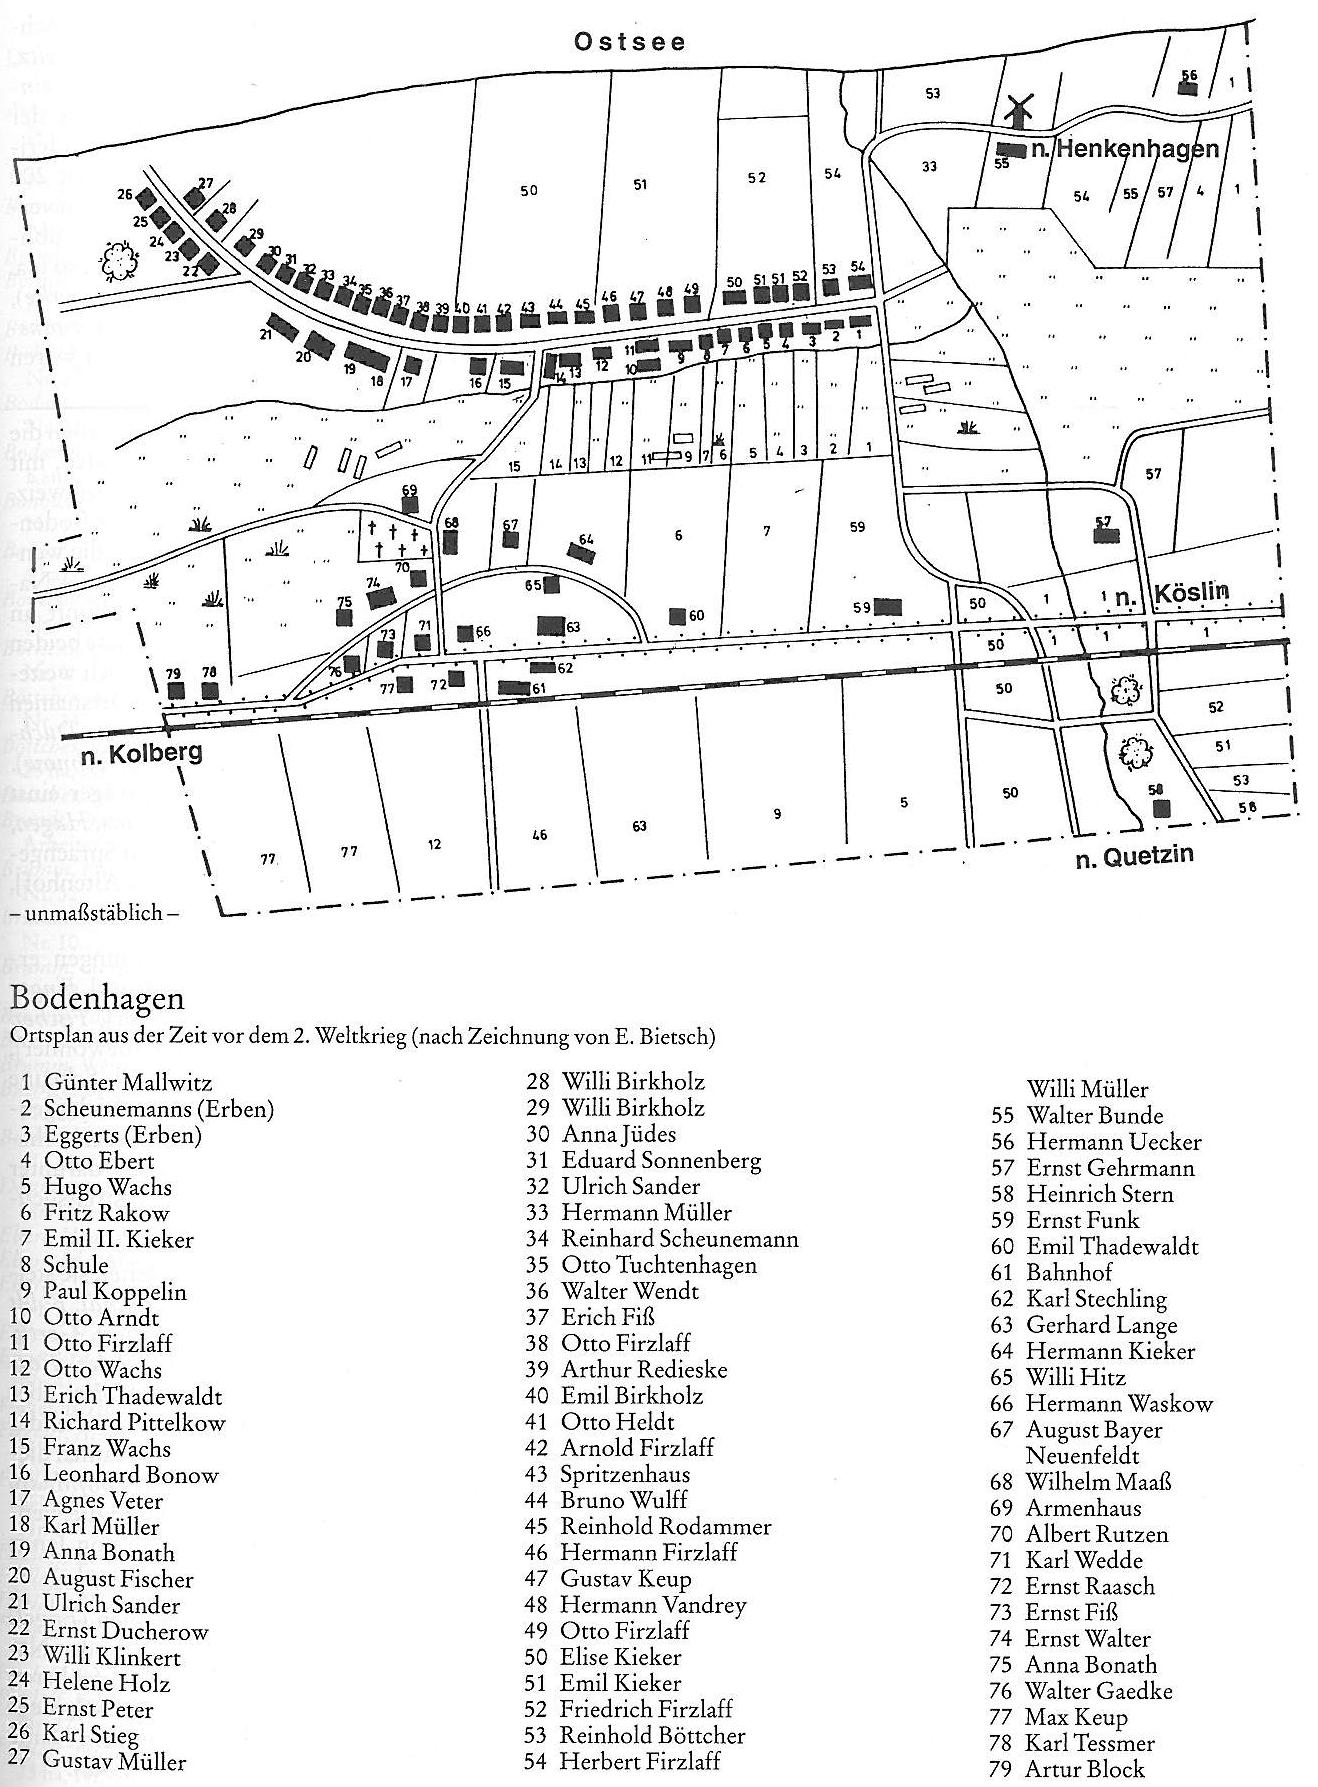 BodenhagenMap